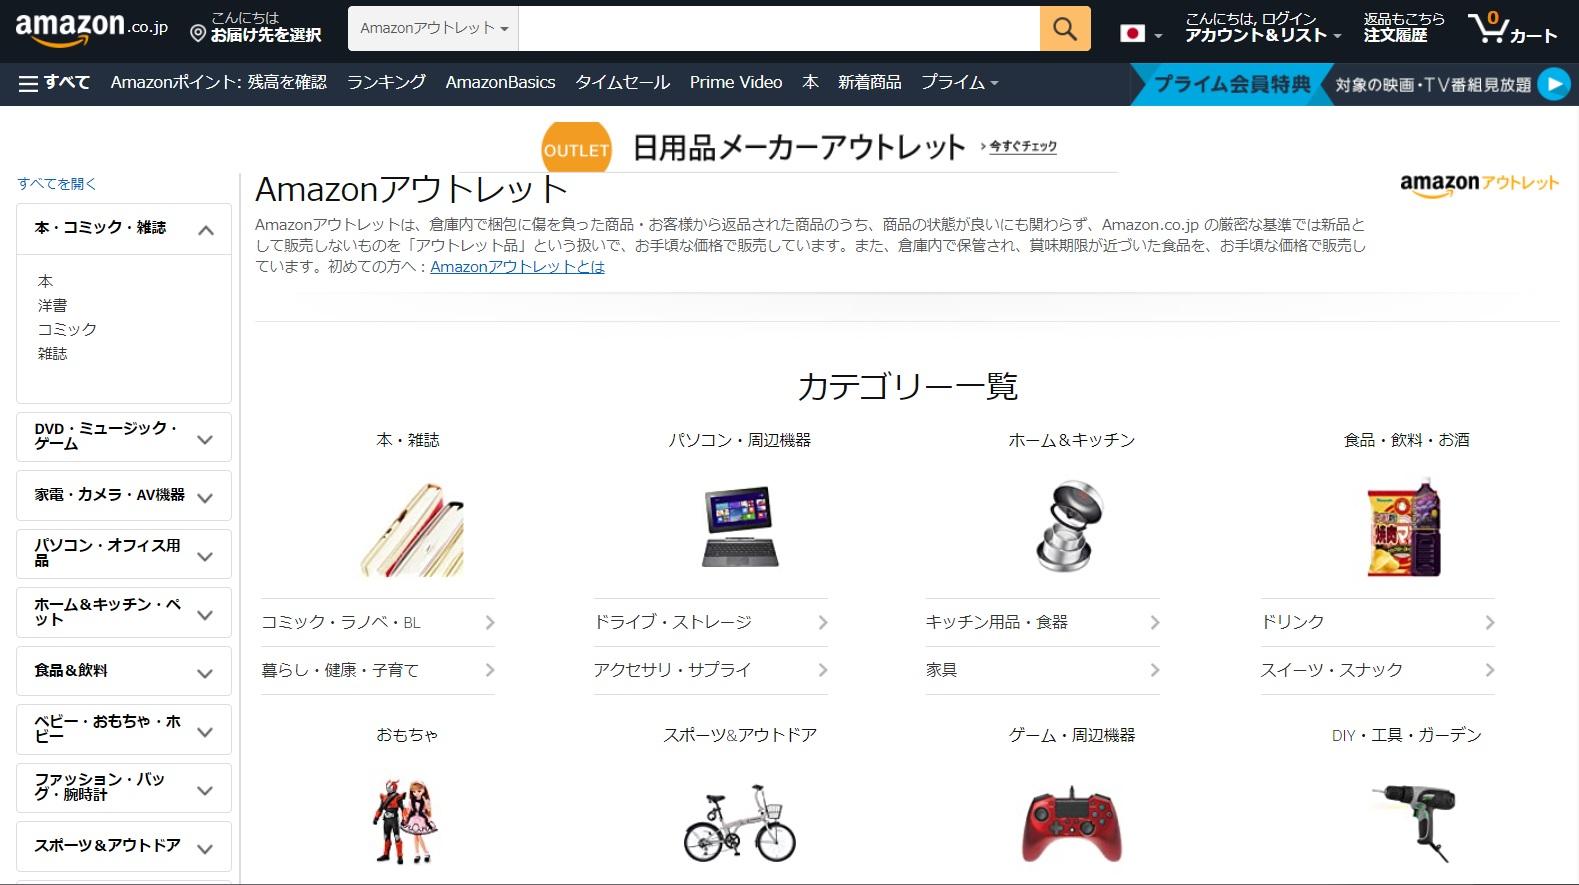 Amazonアウトレットのトップページ